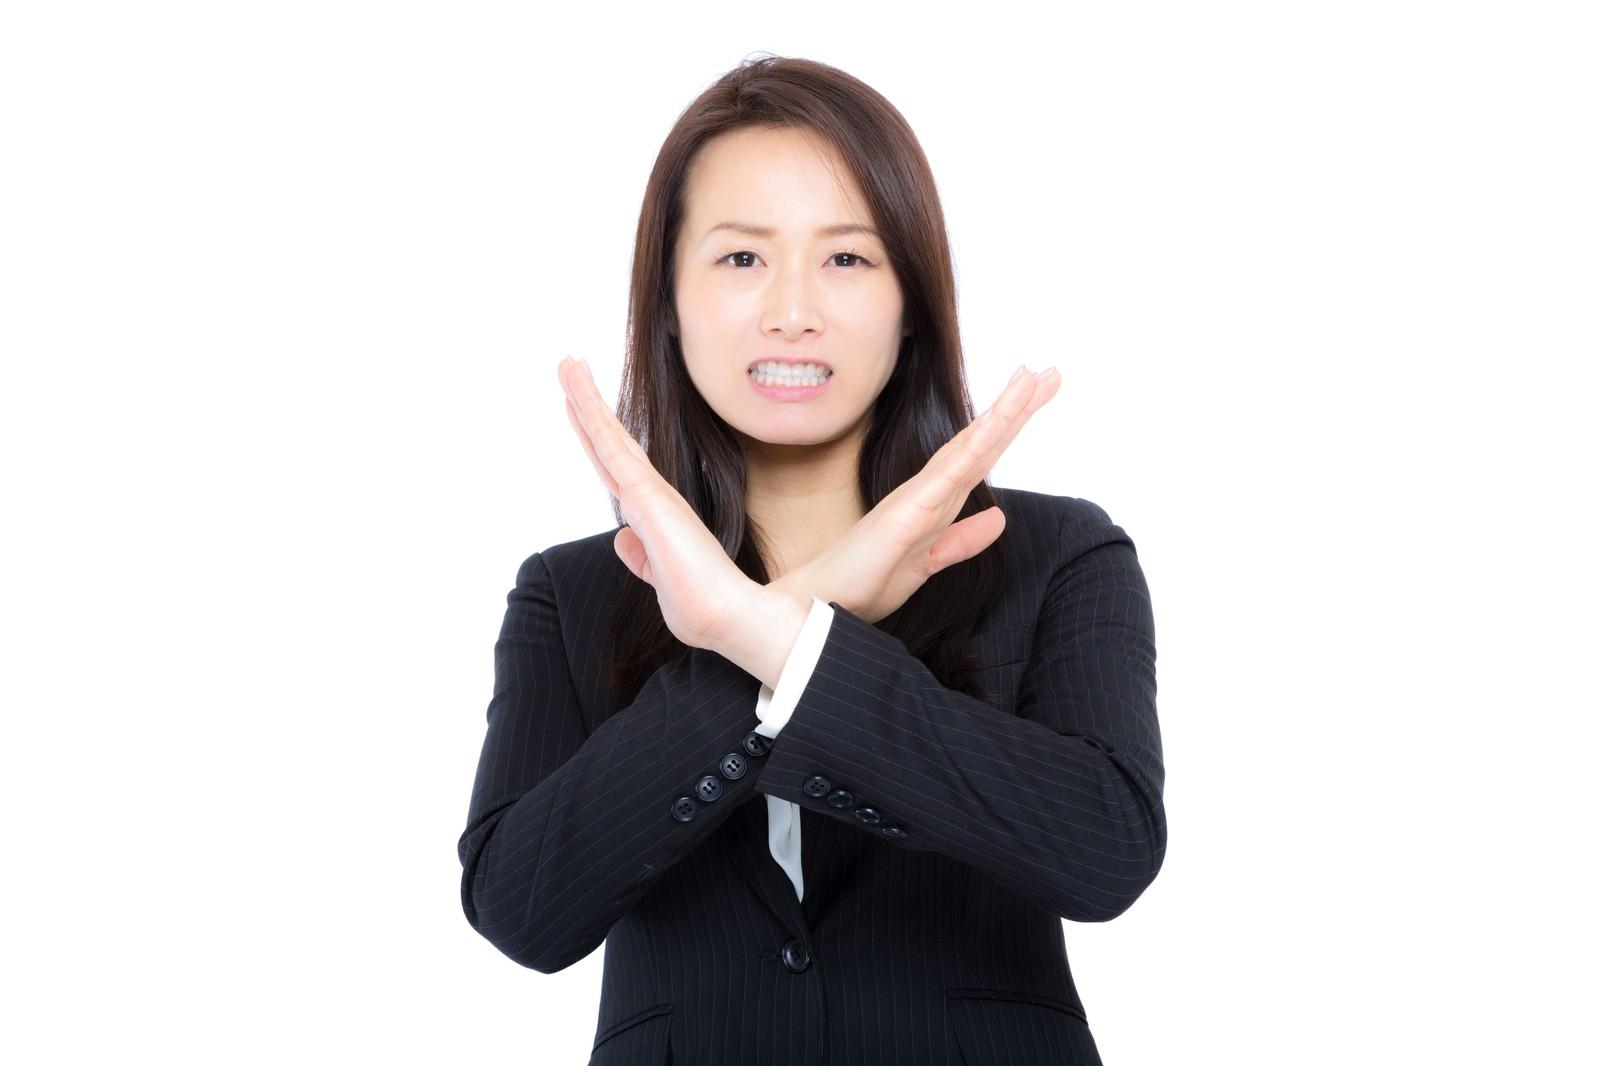 ホワイトニングの危険性。歯に伴うリスクと解決法